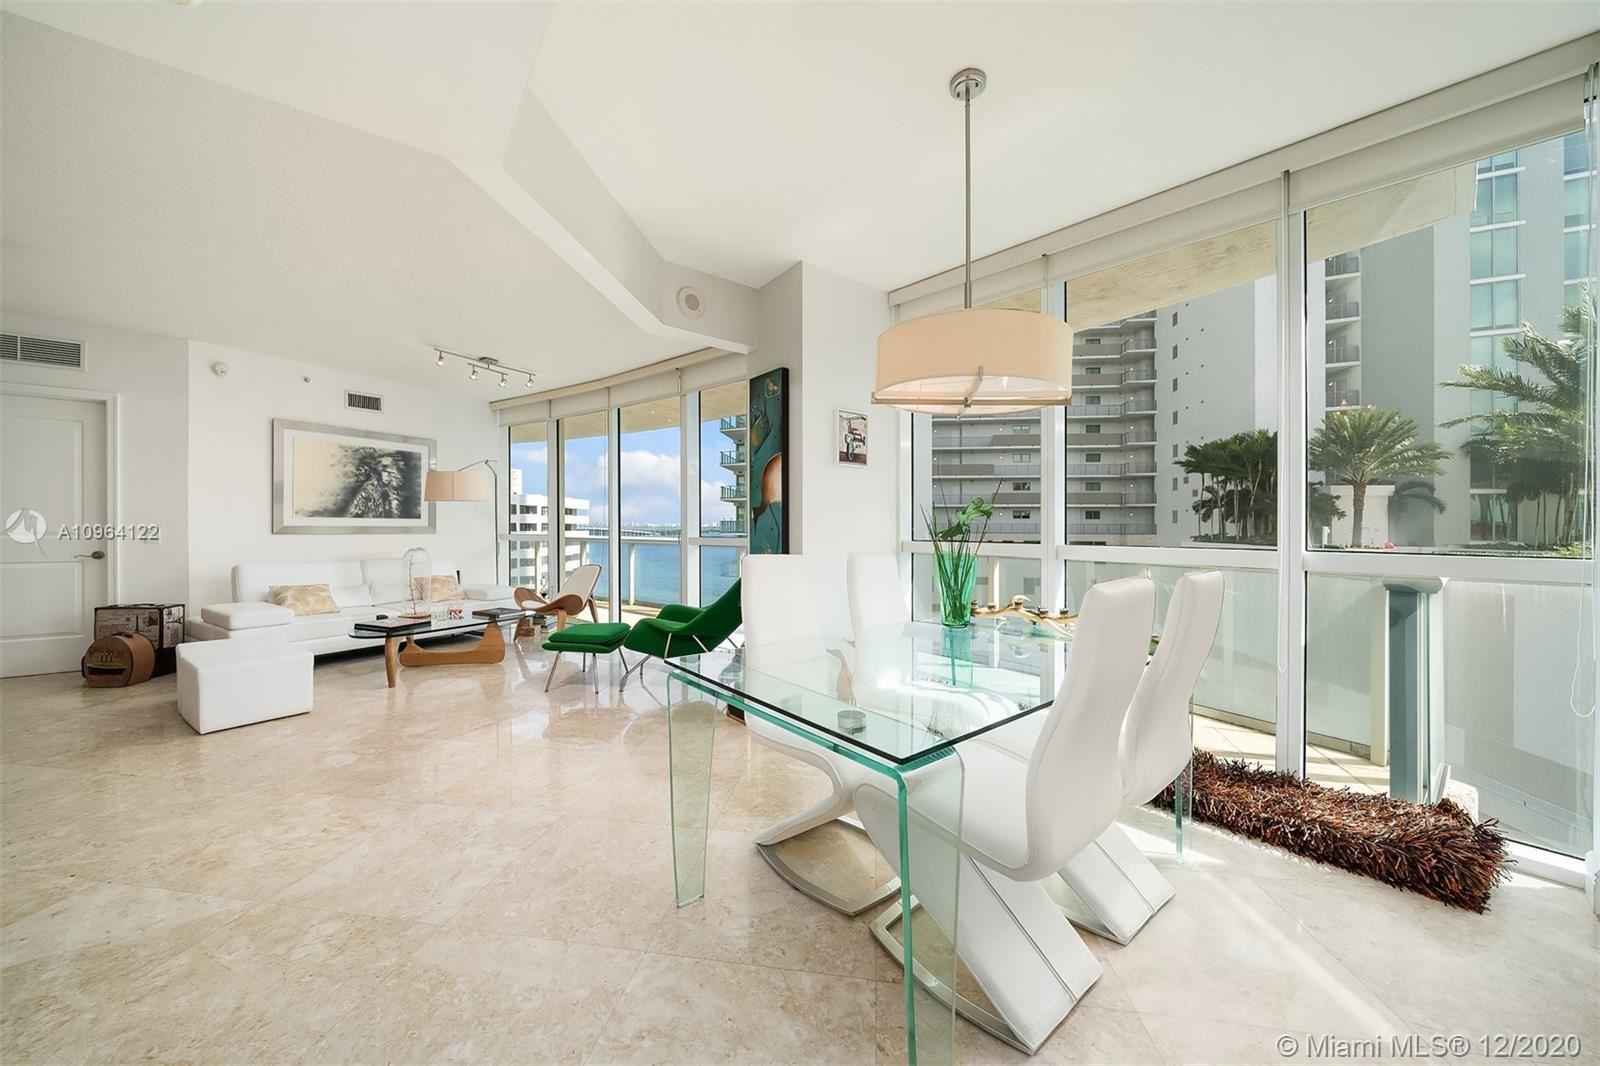 480 NE 30th St #801, Miami, FL 33137 - #: A10964122